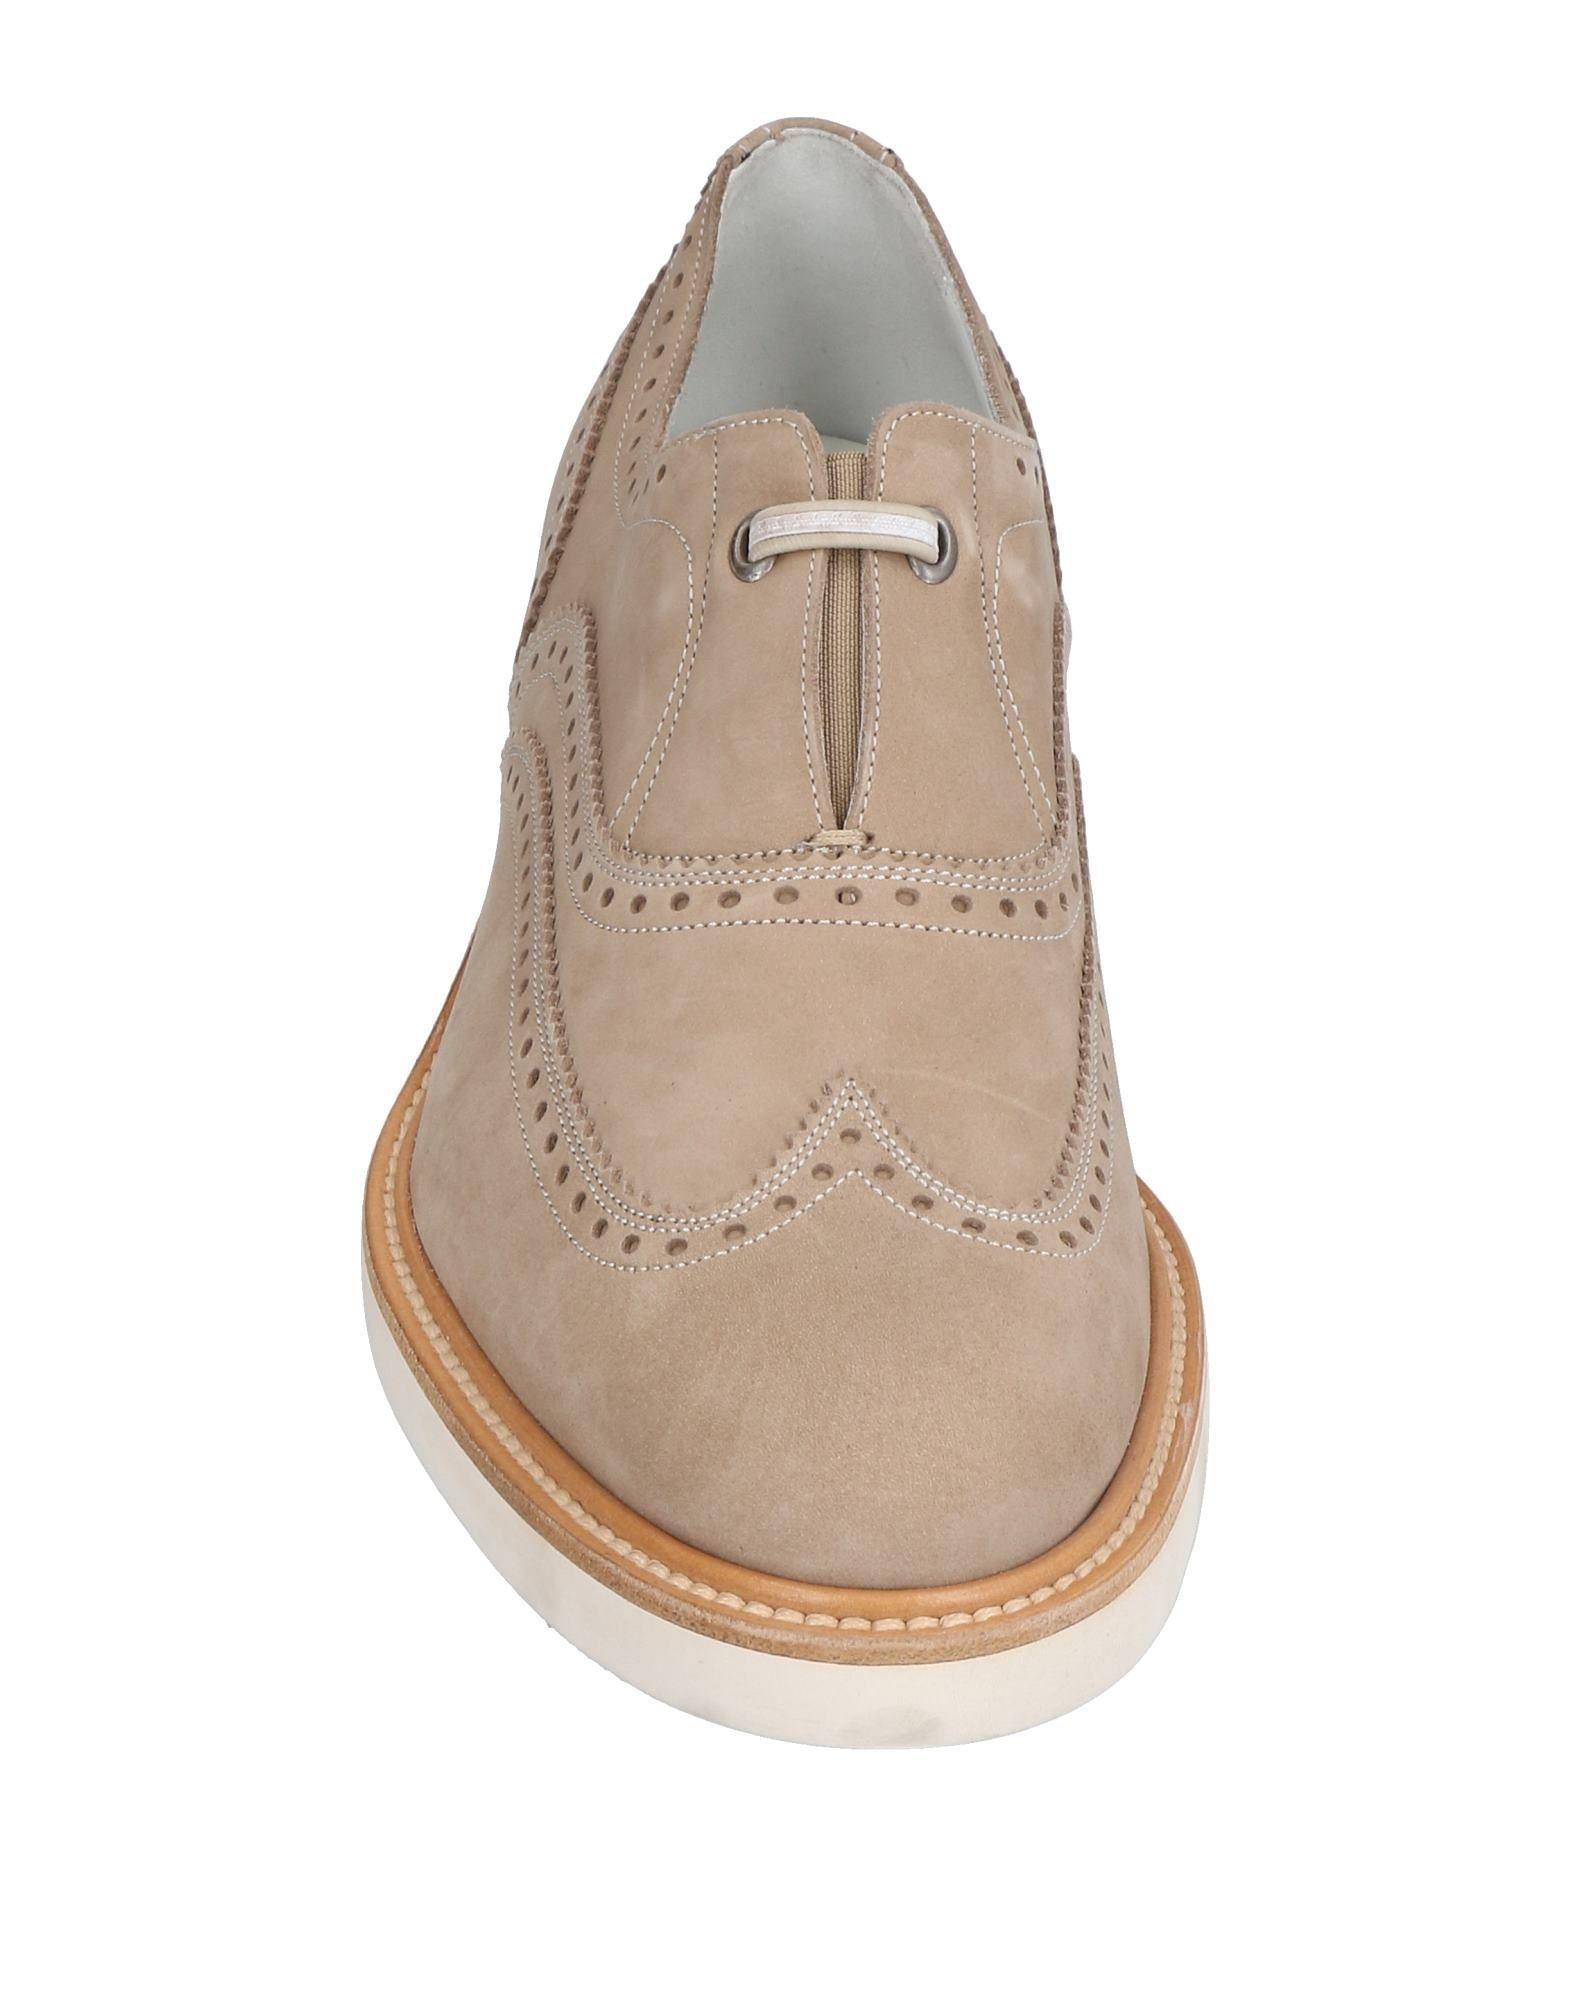 Salvatore Ferragamo Gute Mokassins Herren  11511692WF Gute Ferragamo Qualität beliebte Schuhe bd918c